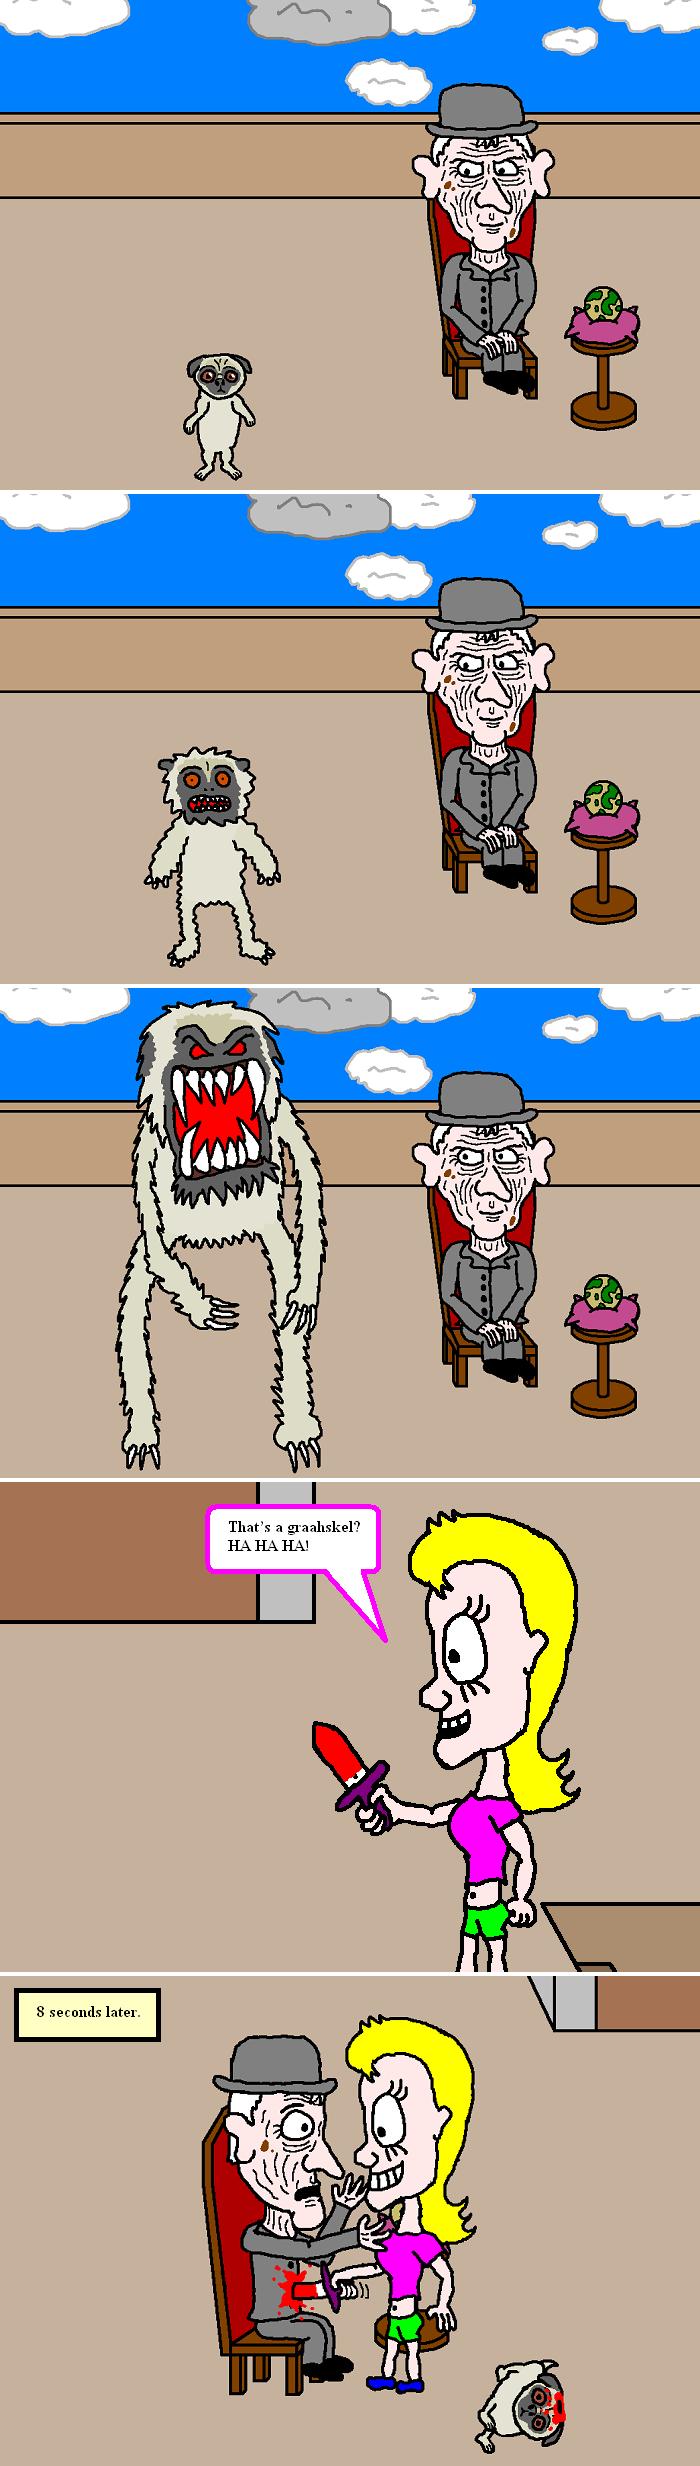 Graahskel